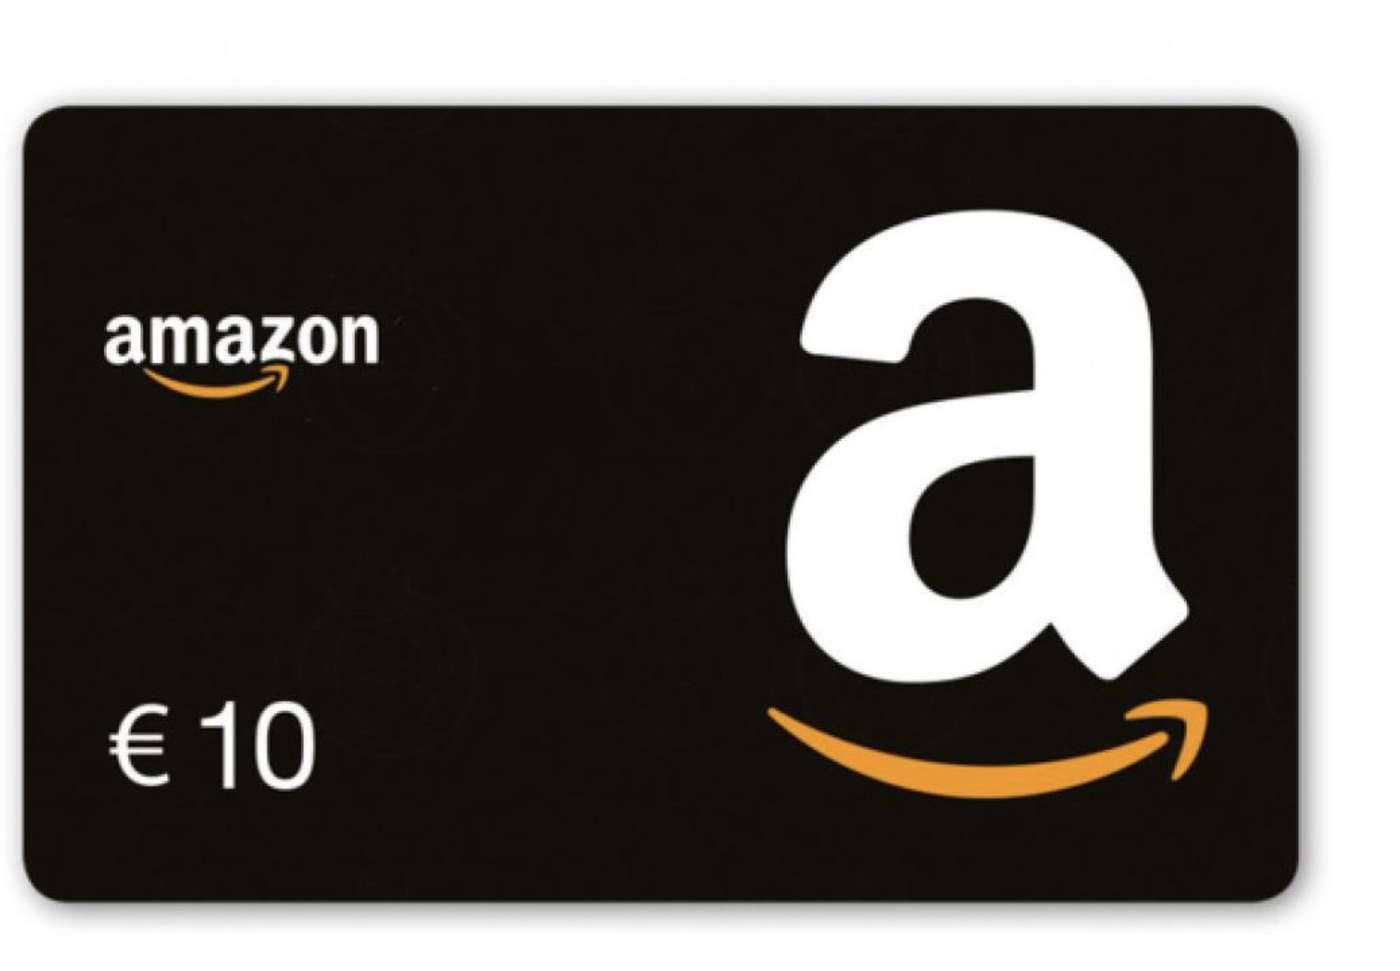 10€ de regalo en Moda, Oficina y Papelería, Mochilas e Informática en Amazon